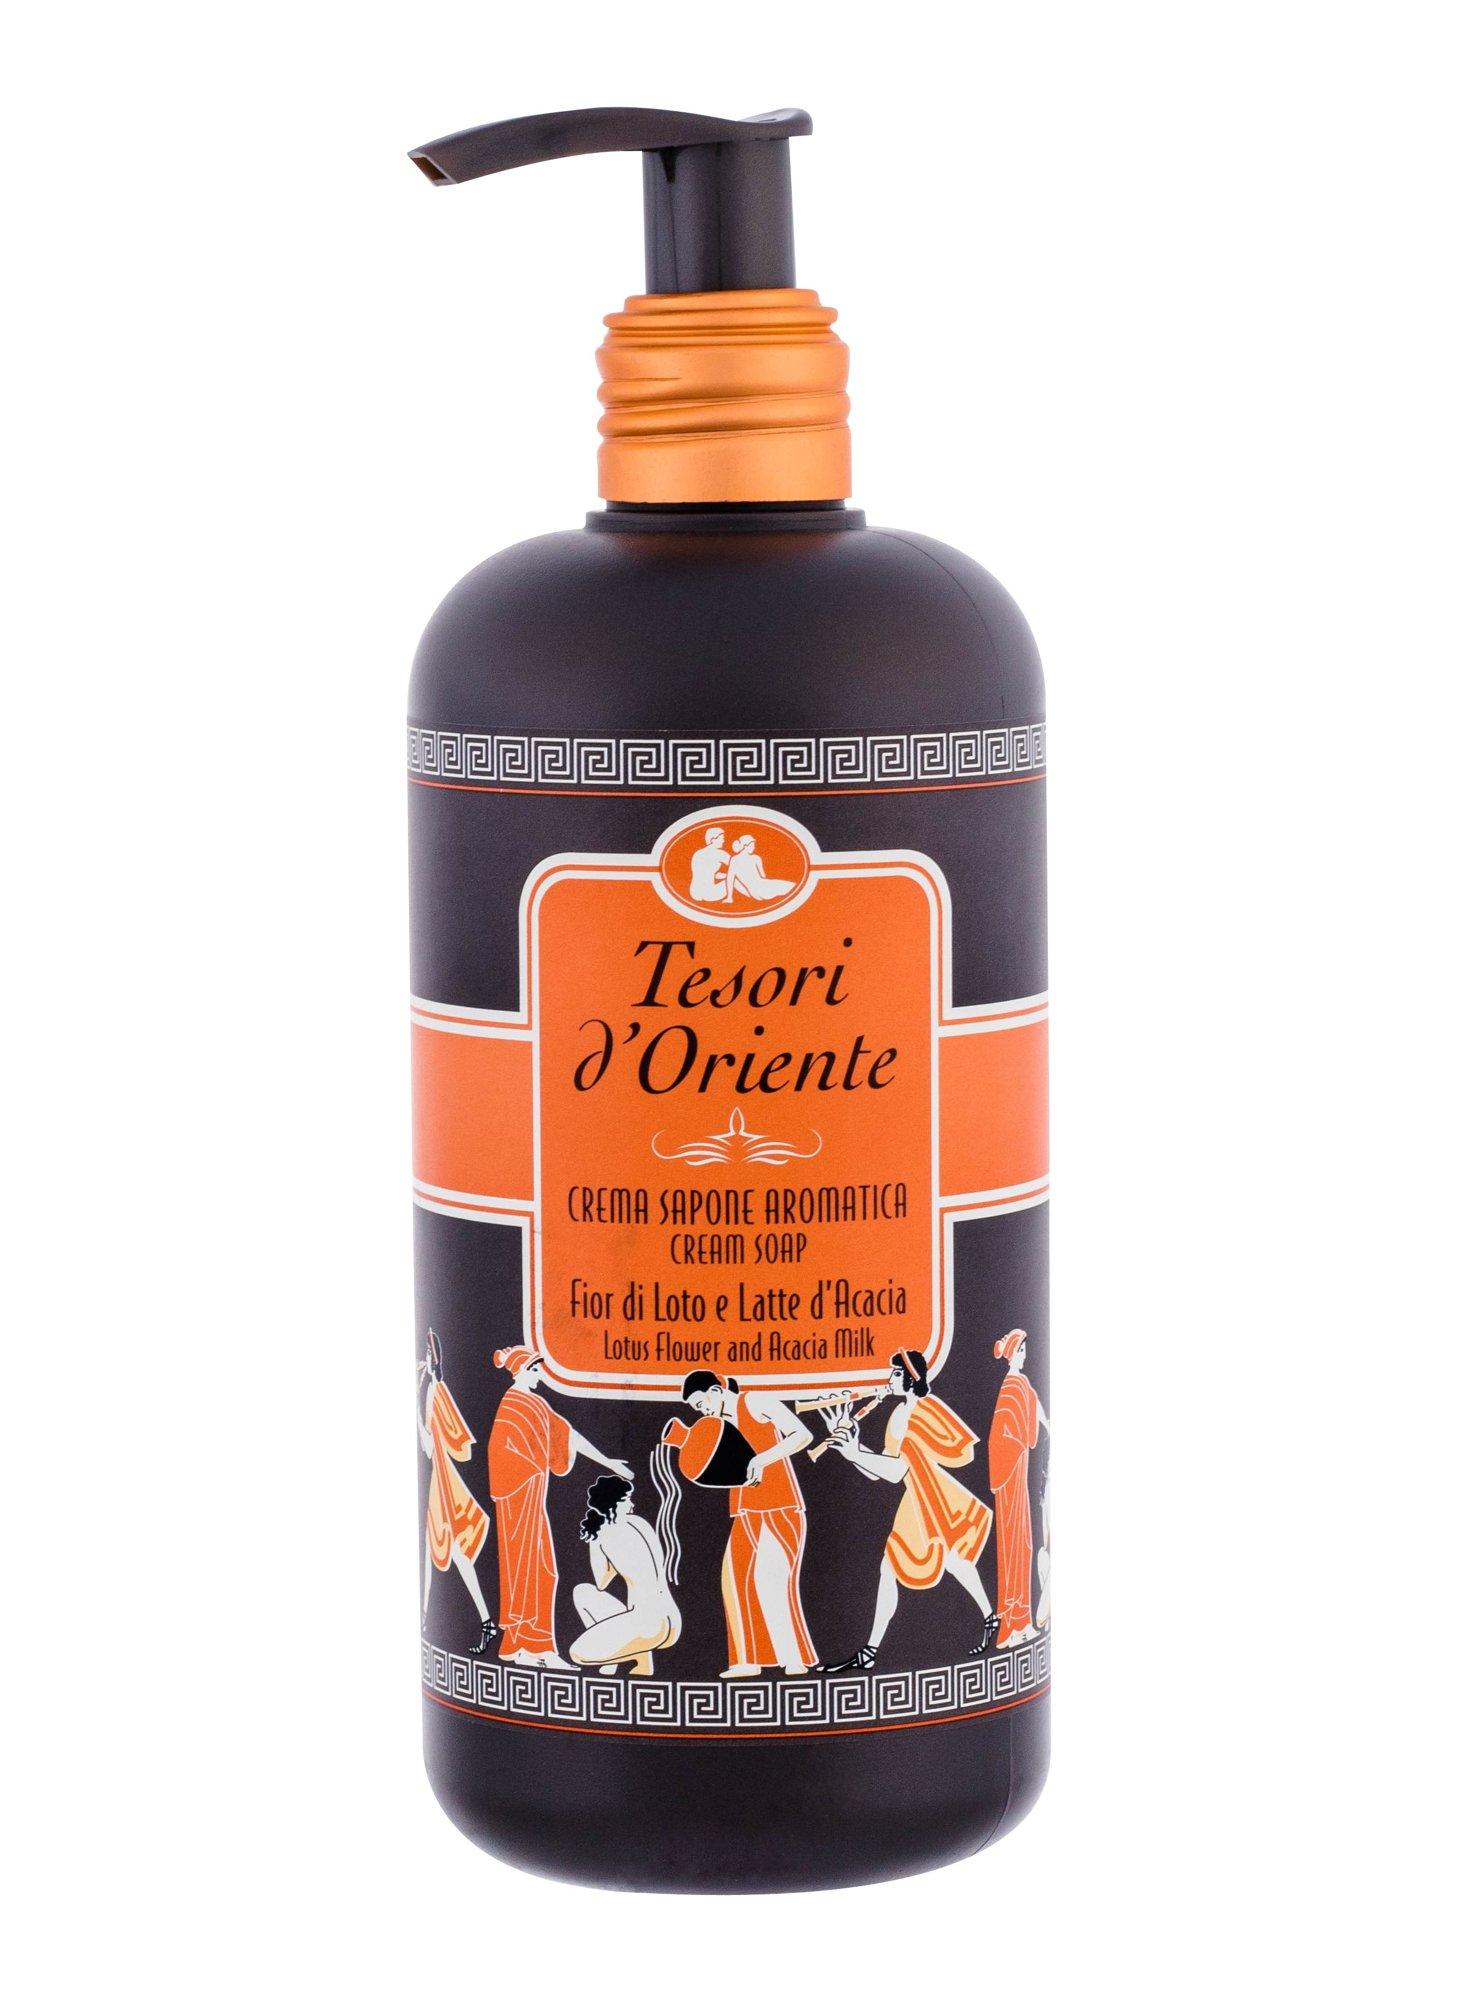 Tesori d´Oriente Fior di Loto e Latte d´Acacia Liquid Soap 300ml